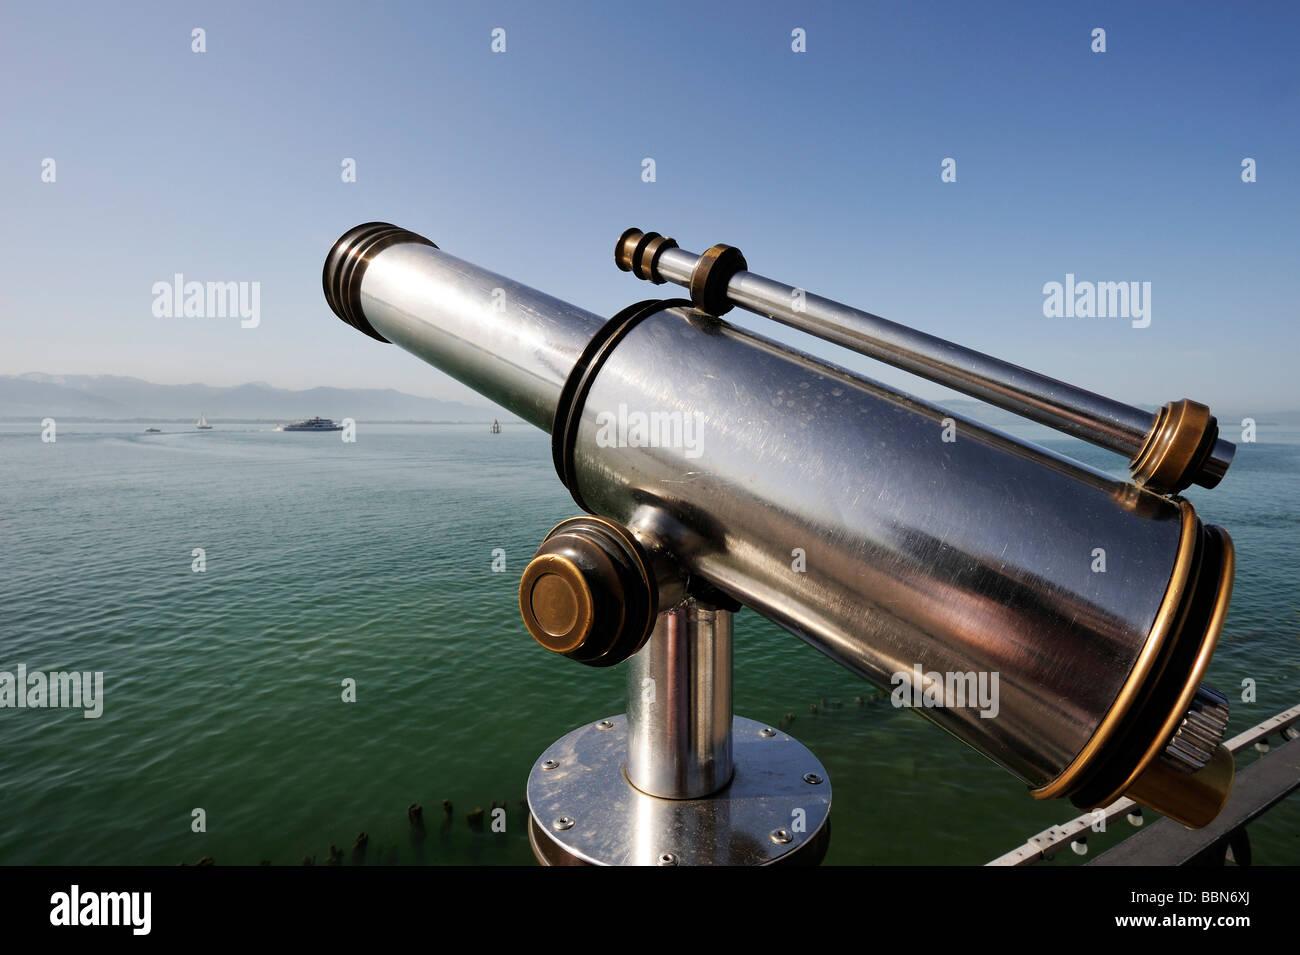 Telescope, port of Lindau on Lake Constance, Bavaria, Germany, Europe - Stock Image